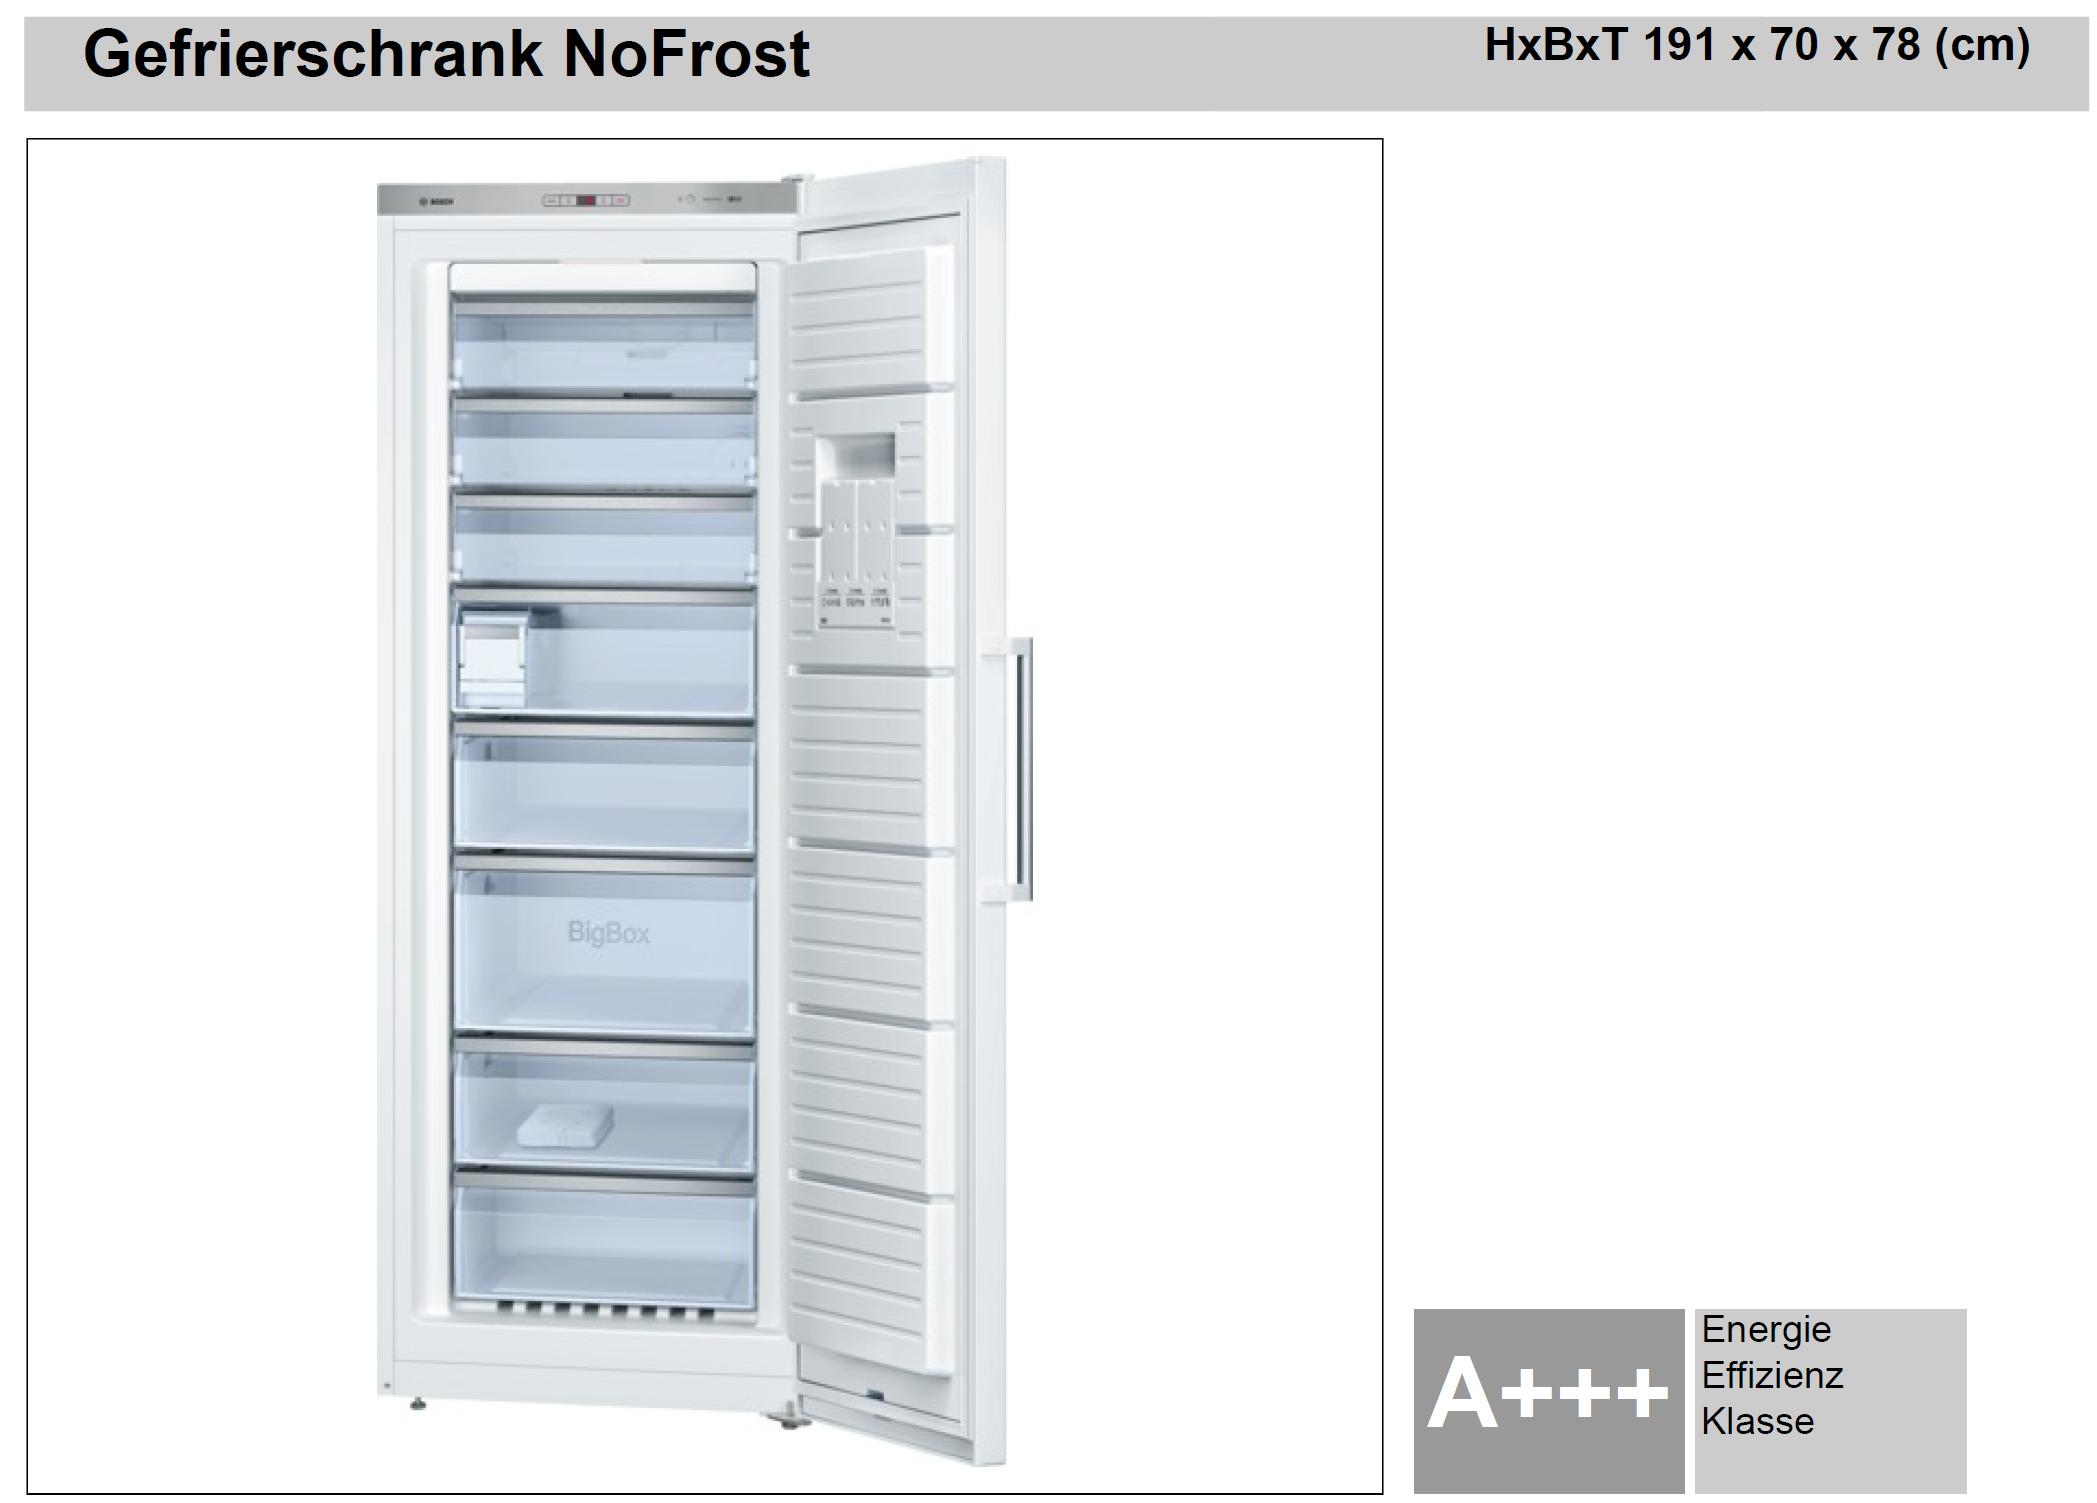 bosch gefrierschrank nofrost plan work elektrotechnik gmbh. Black Bedroom Furniture Sets. Home Design Ideas